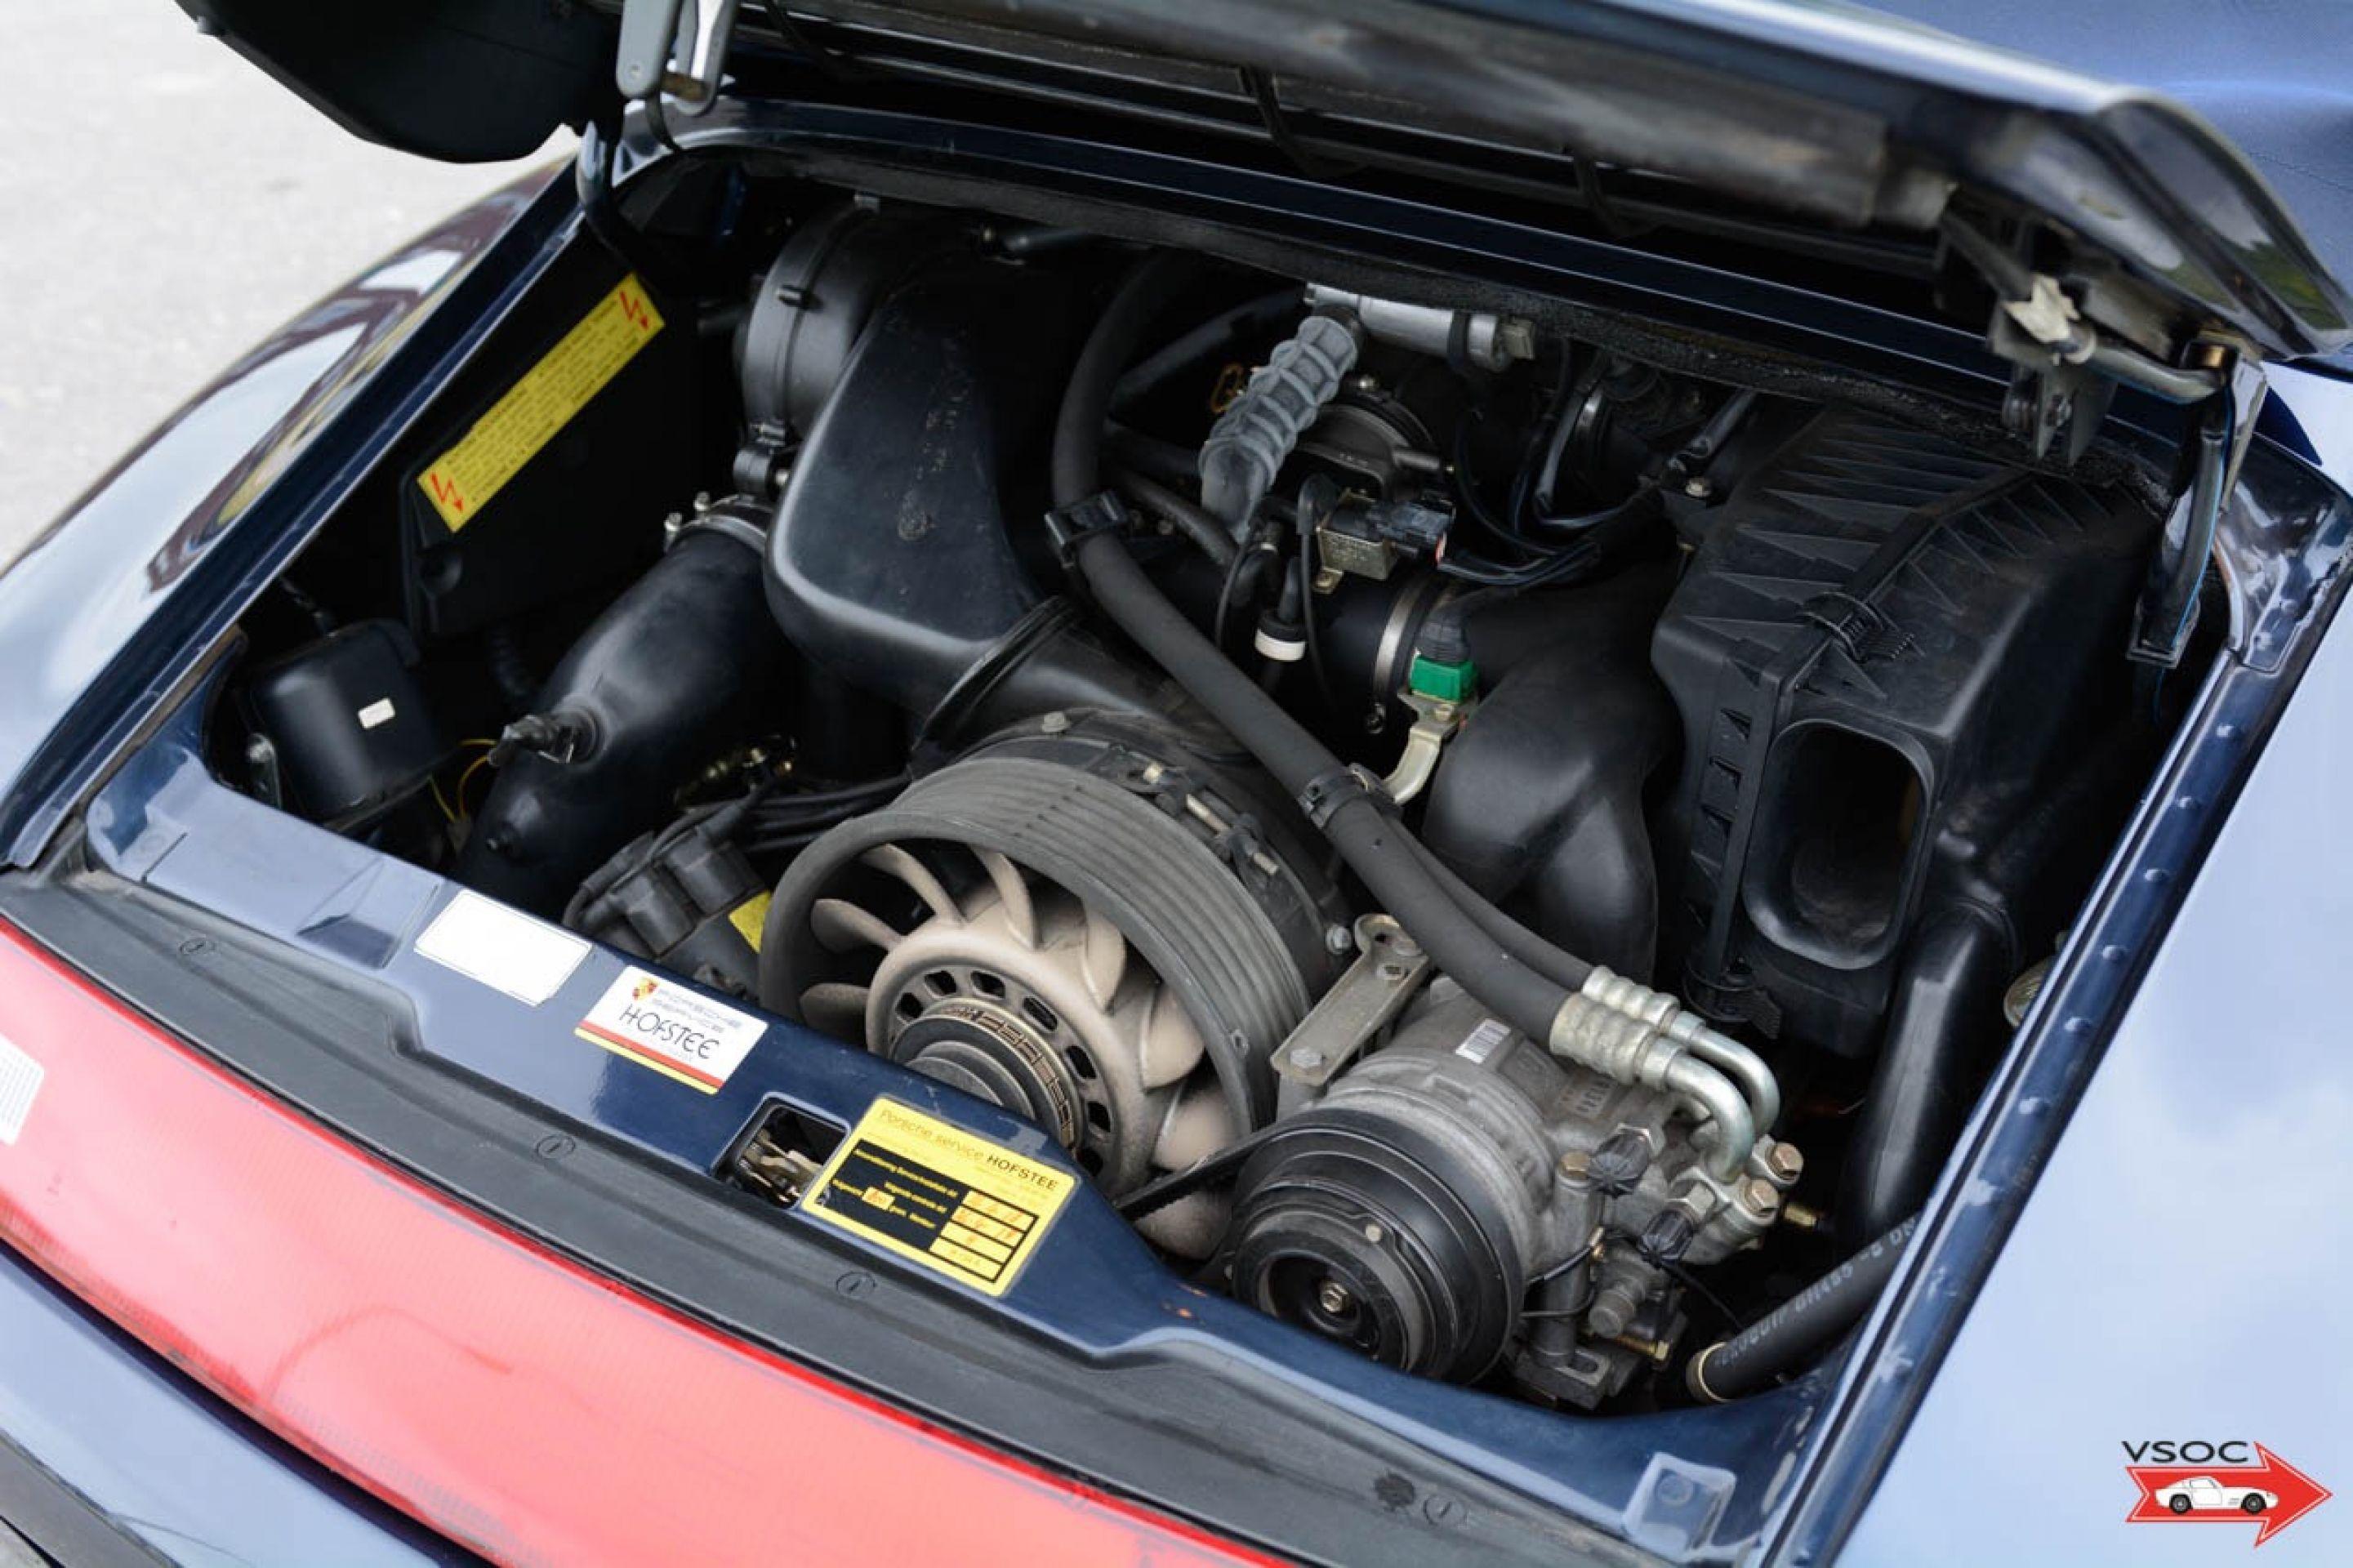 Porsche 993 Carrera 2 Cabriolet - Very nice low mileage example